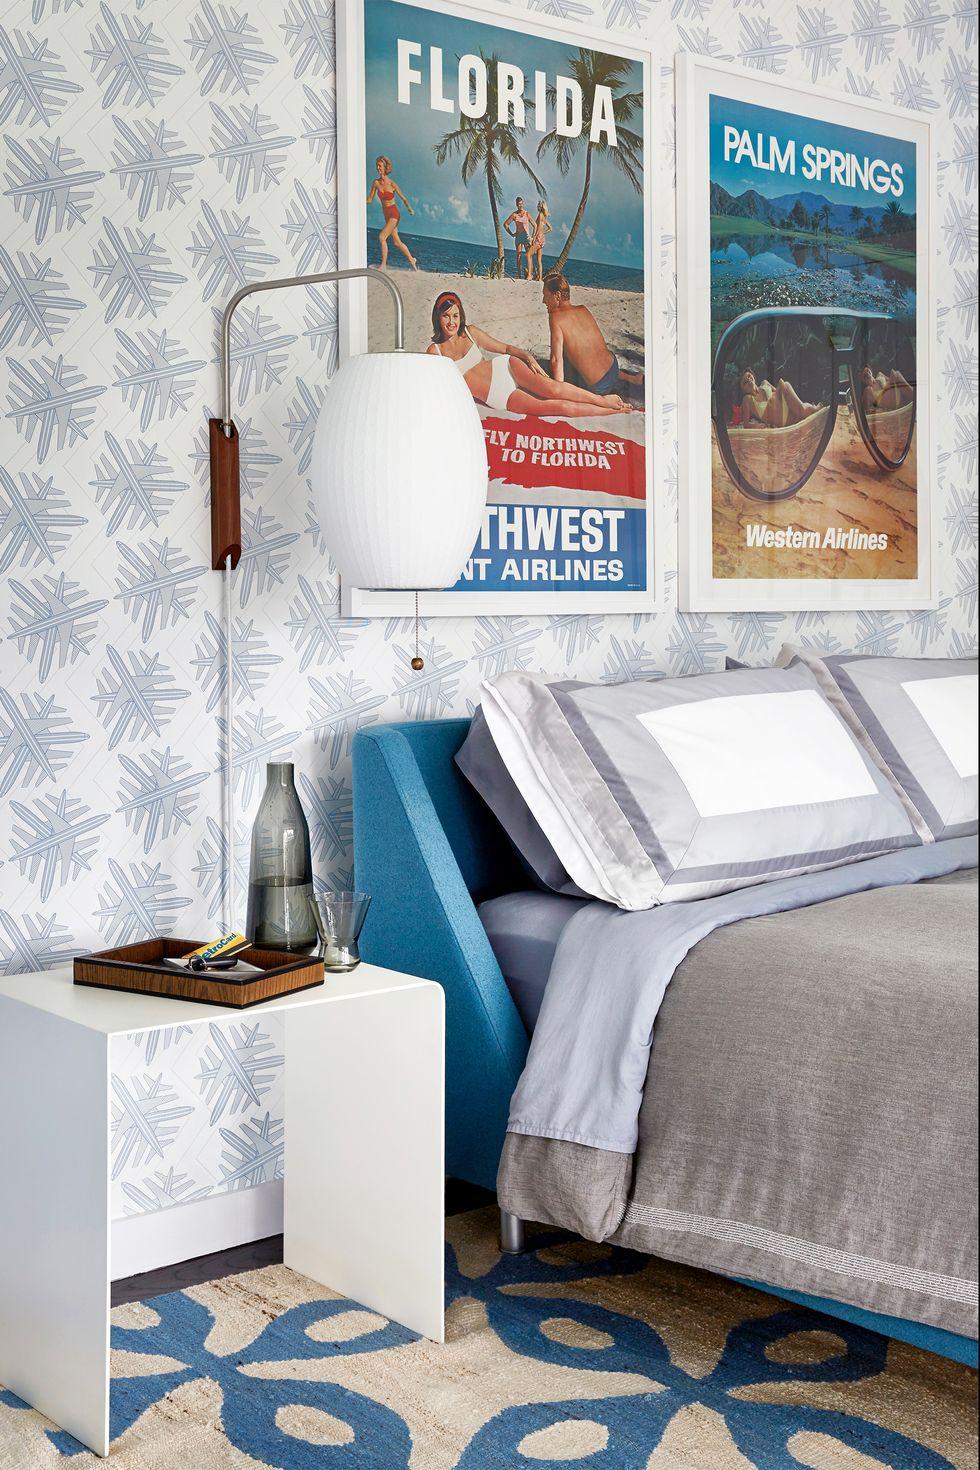 Để làm dịu độ sắc nét của gam màu xanh và trắng, hãy kết hợp nhiều tông màu xám nhạt.